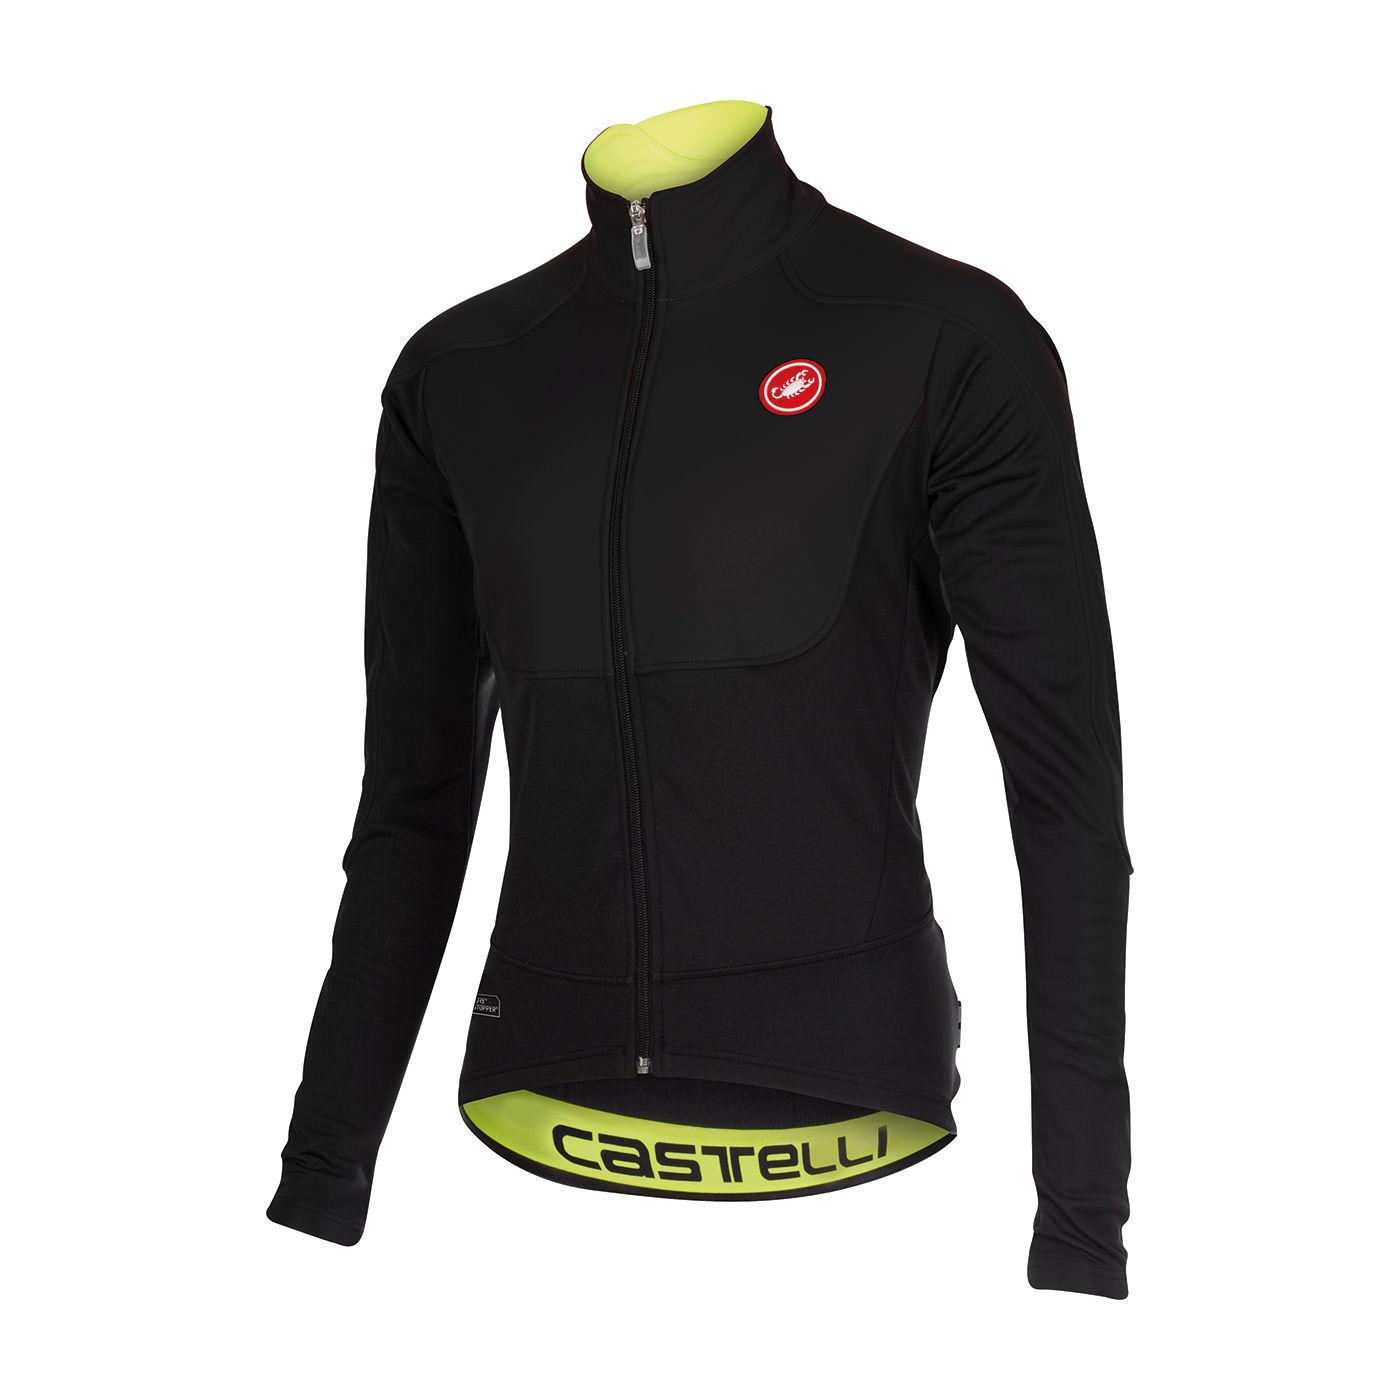 Ropa de ciclismo Castelli